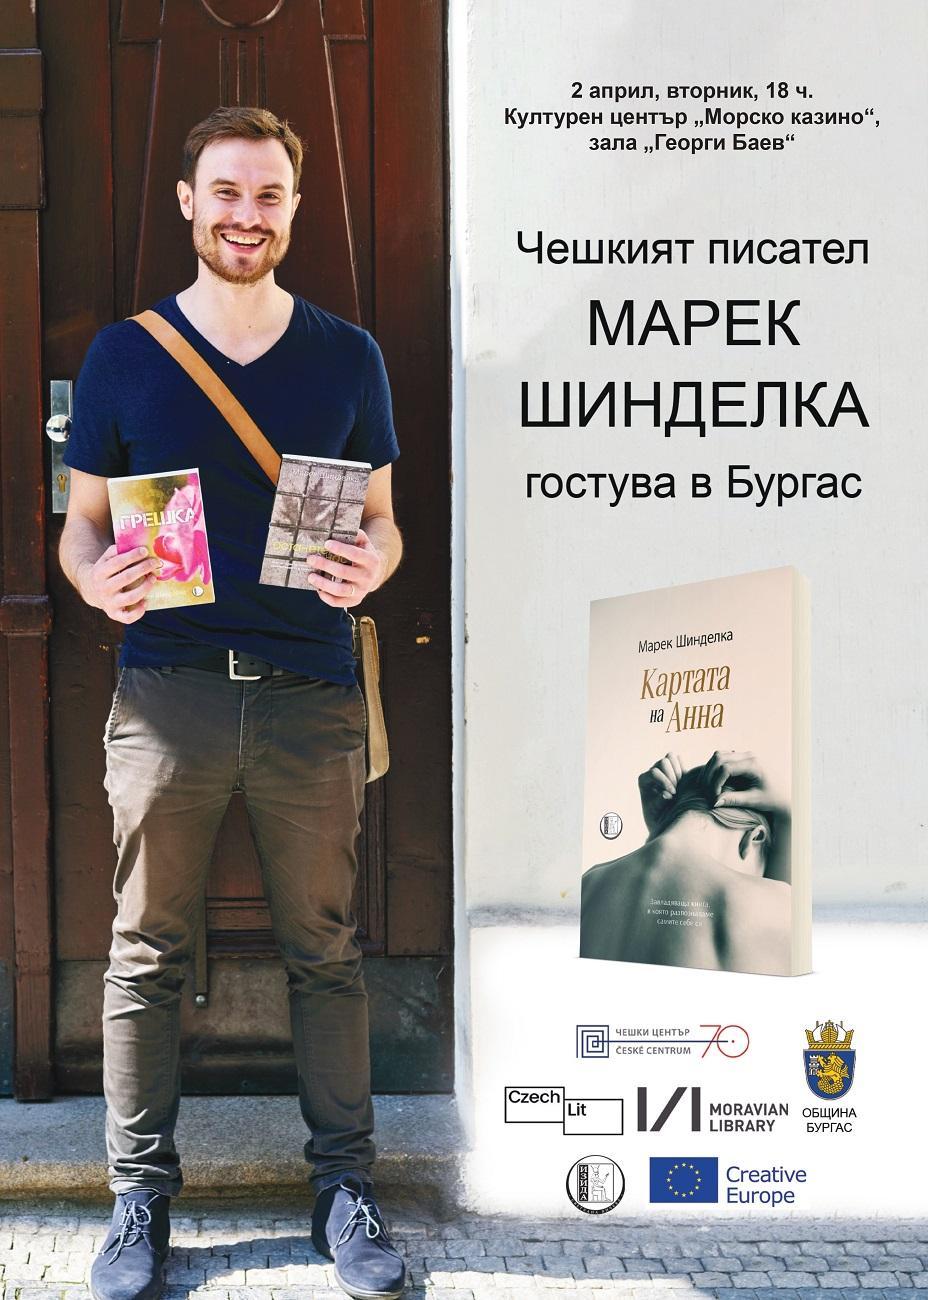 marek shindelka